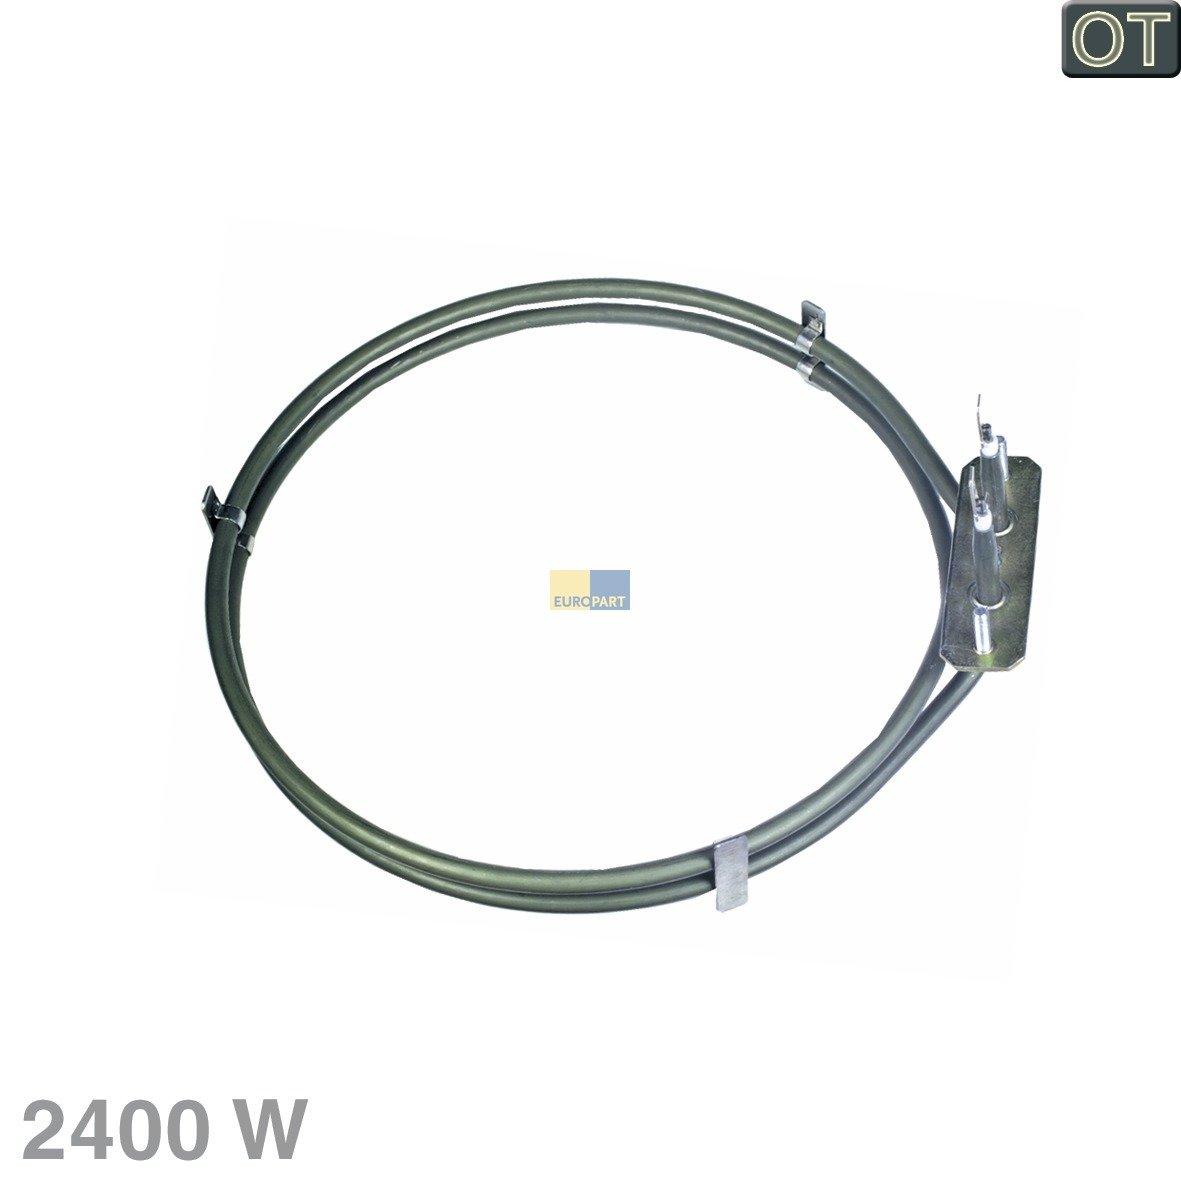 Bosch Siemens Hausgeräte Heizelement Heißluft 00791579 Original ALTERNATIVE für